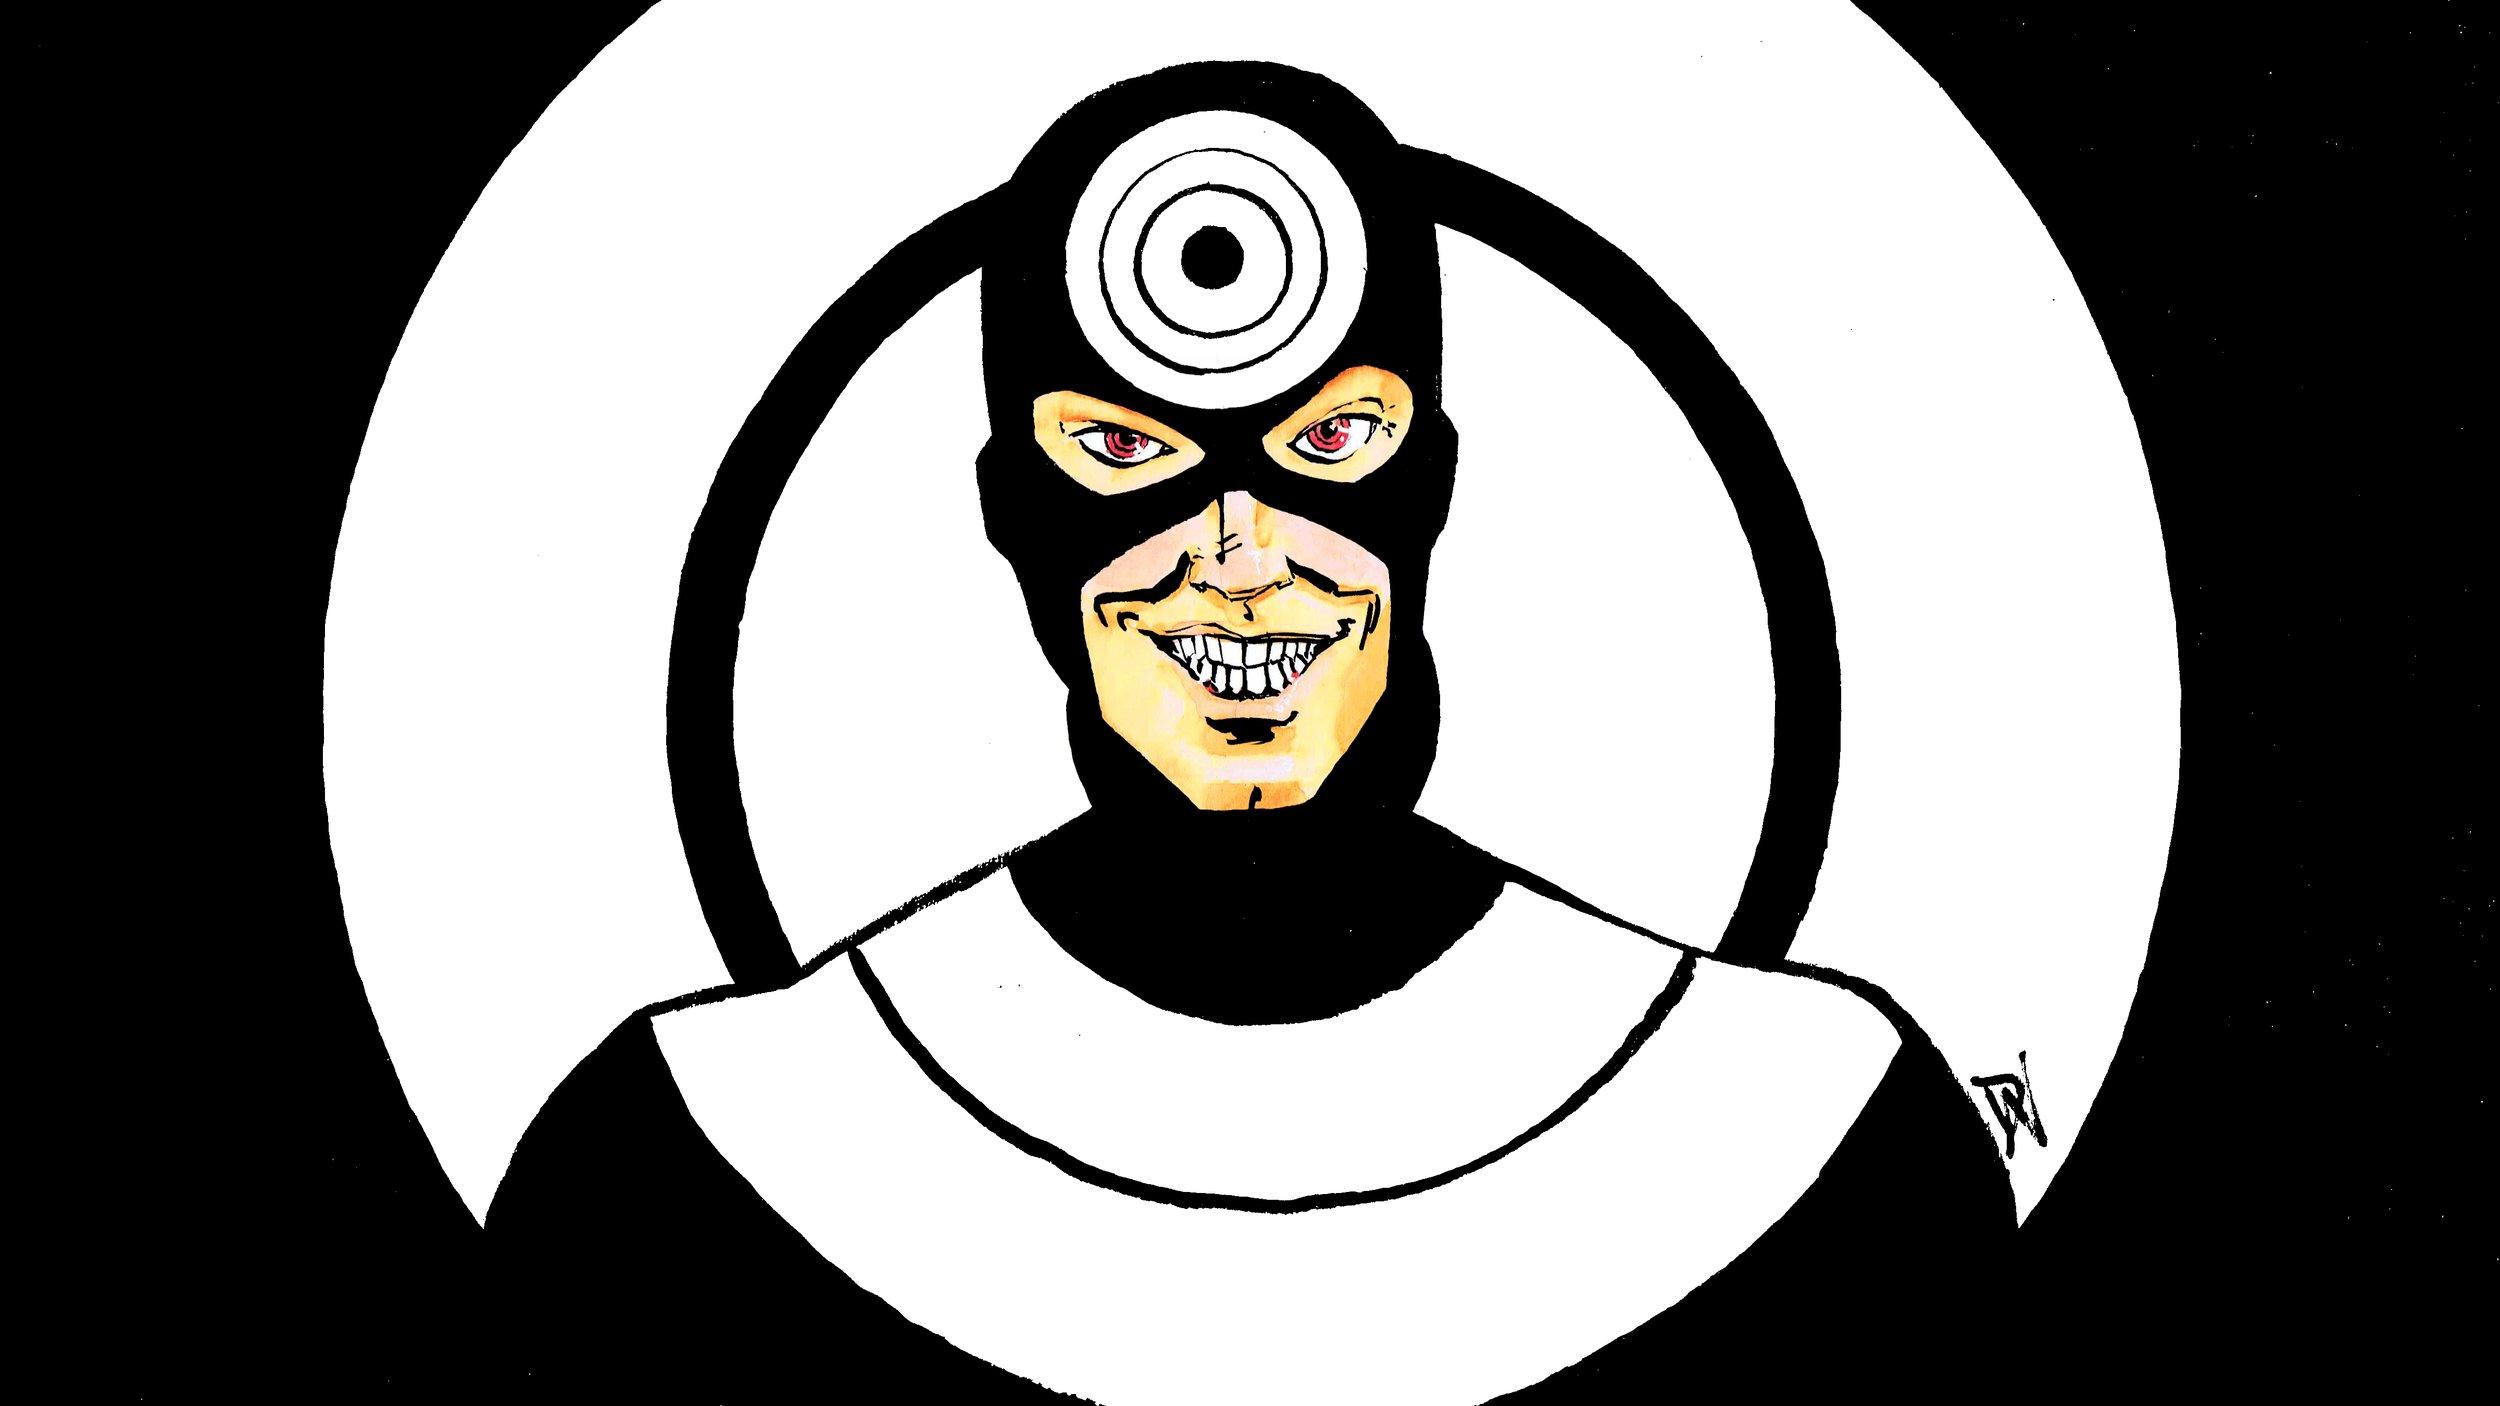 Bullseye! Art by David Wynne